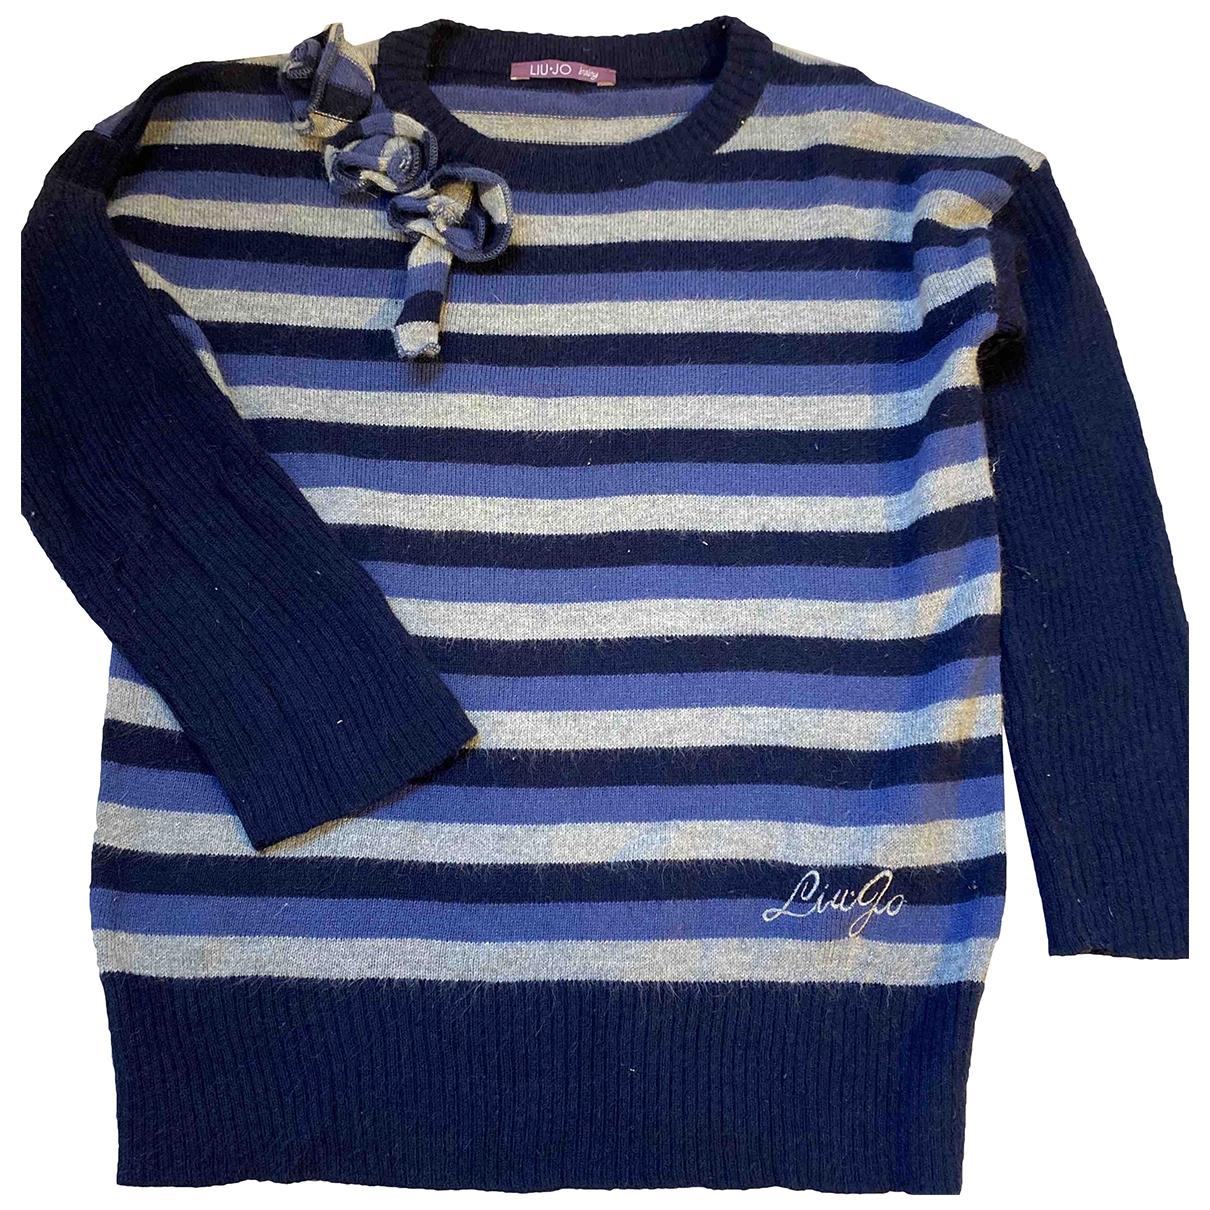 Liu.jo \N Multicolour Knitwear for Kids 3 years - up to 98cm FR